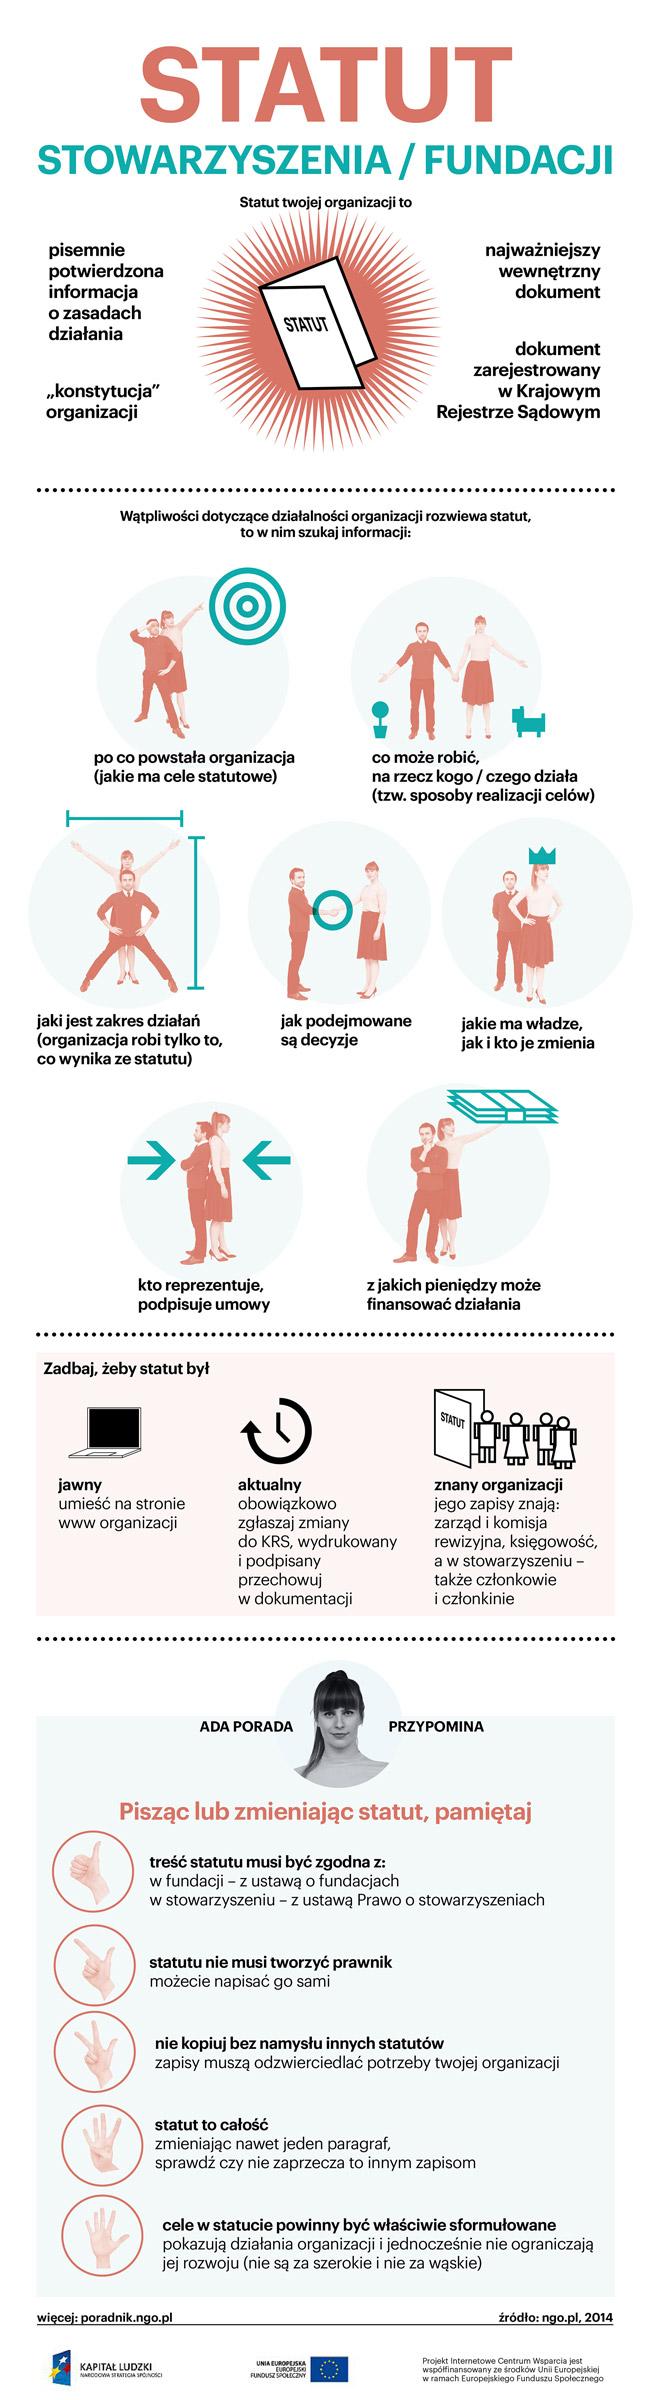 infografika_statut